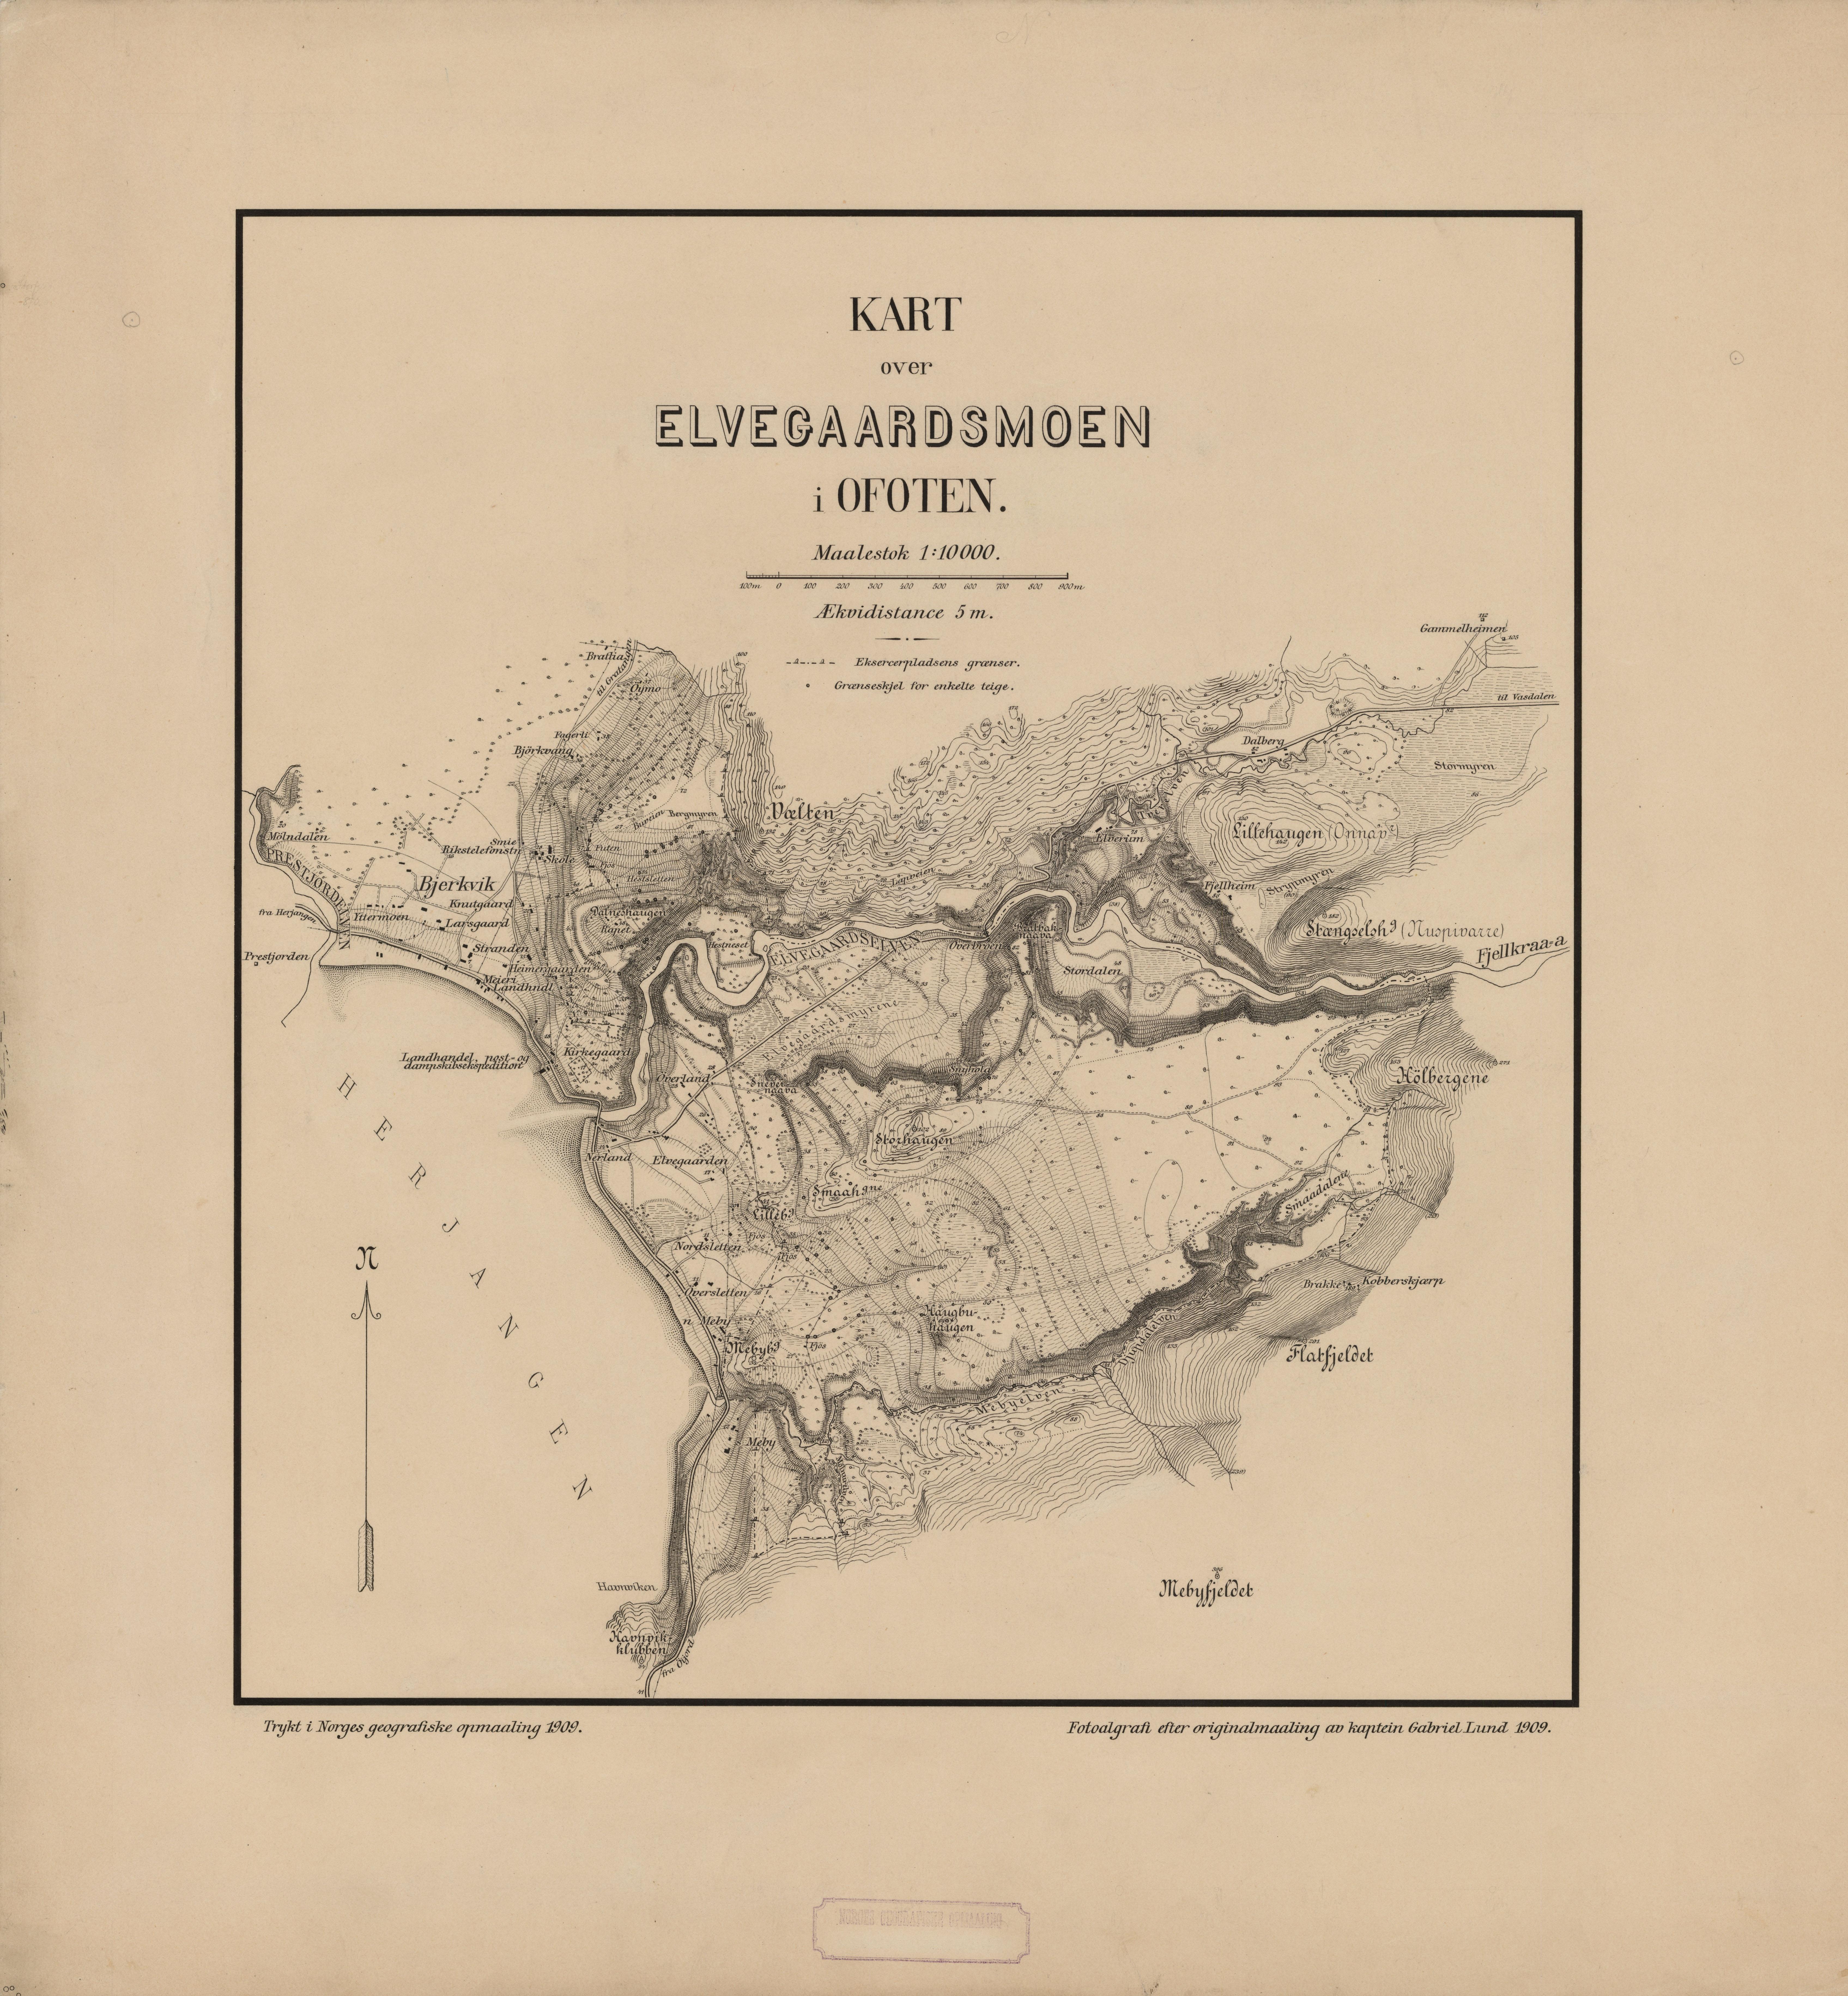 kart vega norge File:Ekserserplasskart; Kart over Elvegaardsmoen, 1901.  kart vega norge